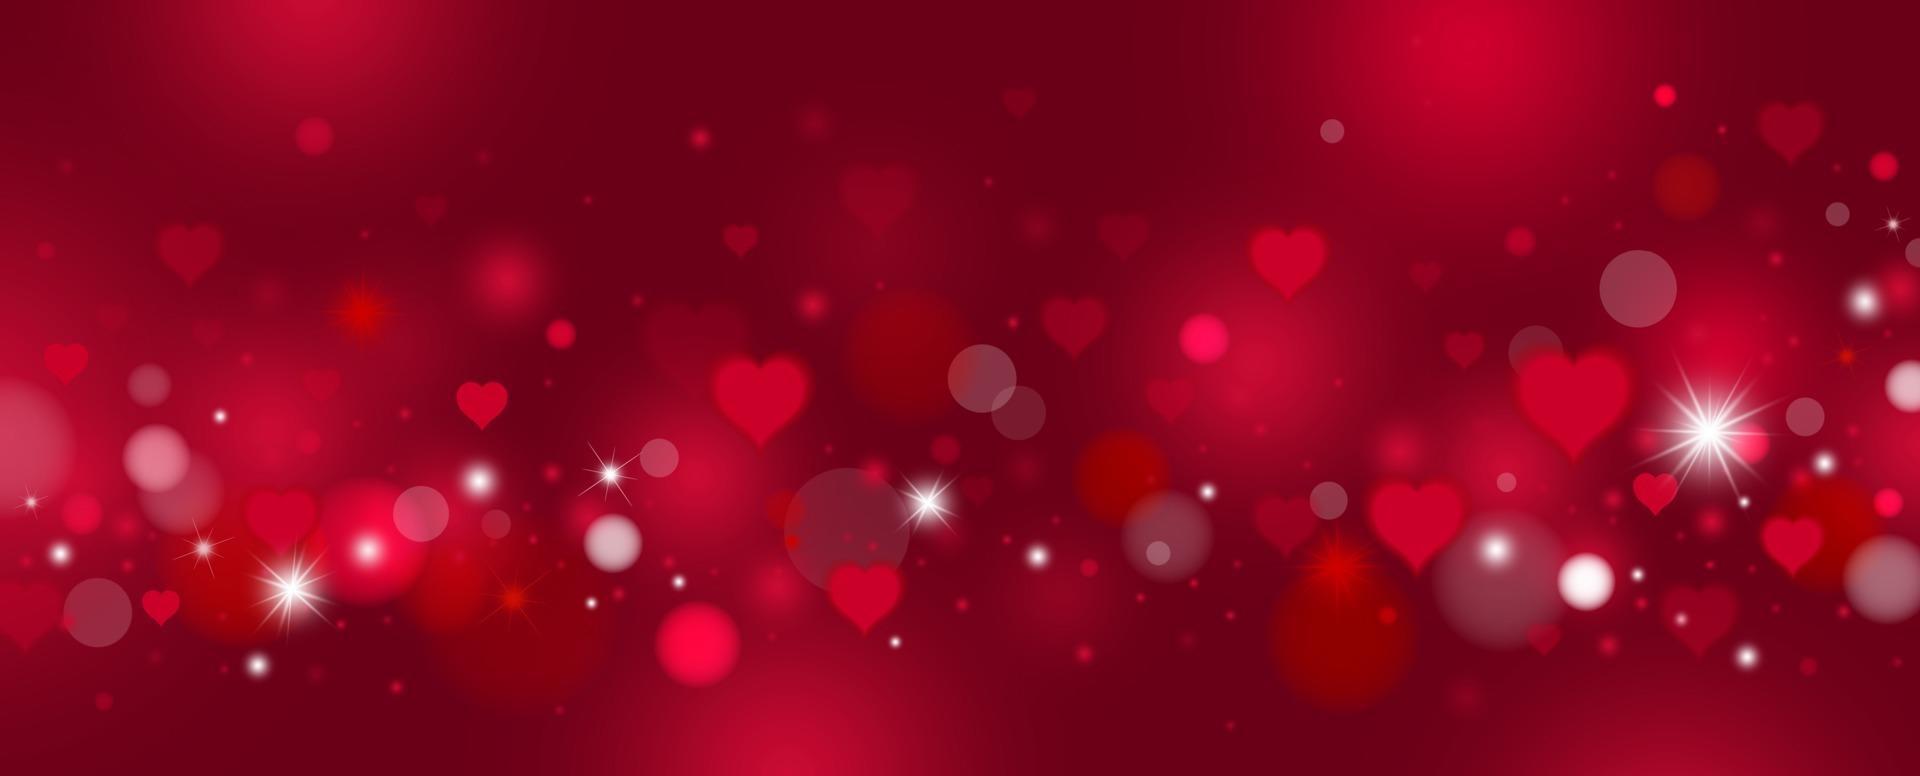 dia dos namorados e desenho de fundo de amor de corações vermelhos e ilustração vetorial de bokeh vetor